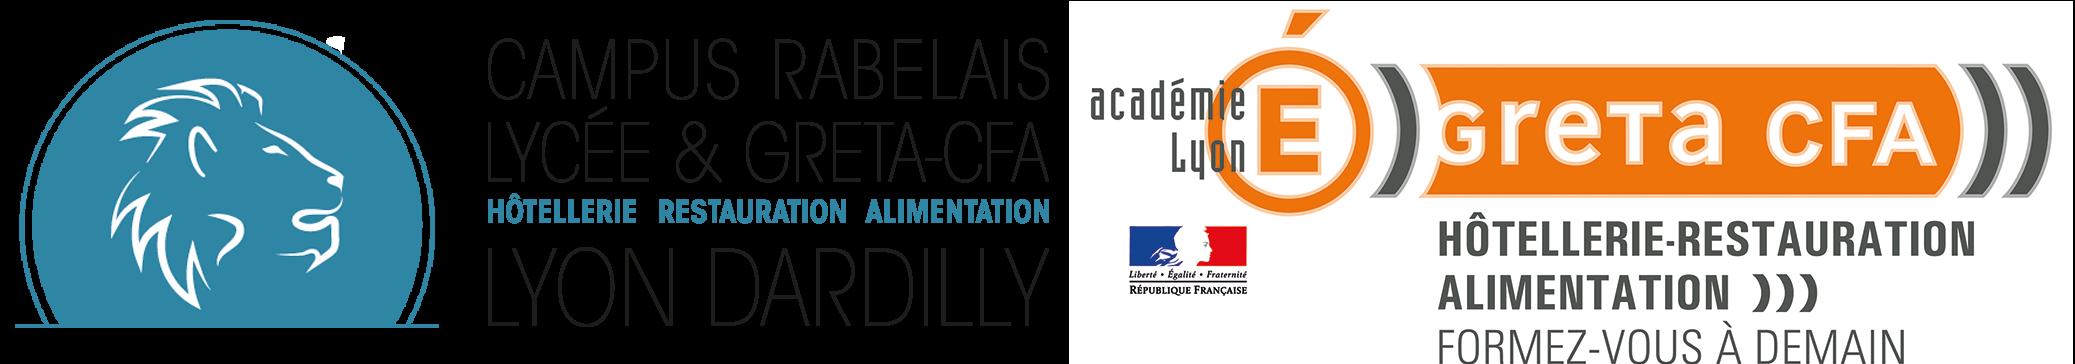 Lycée & GRETA CFA  Francois Rabelais Lyon Dardilly